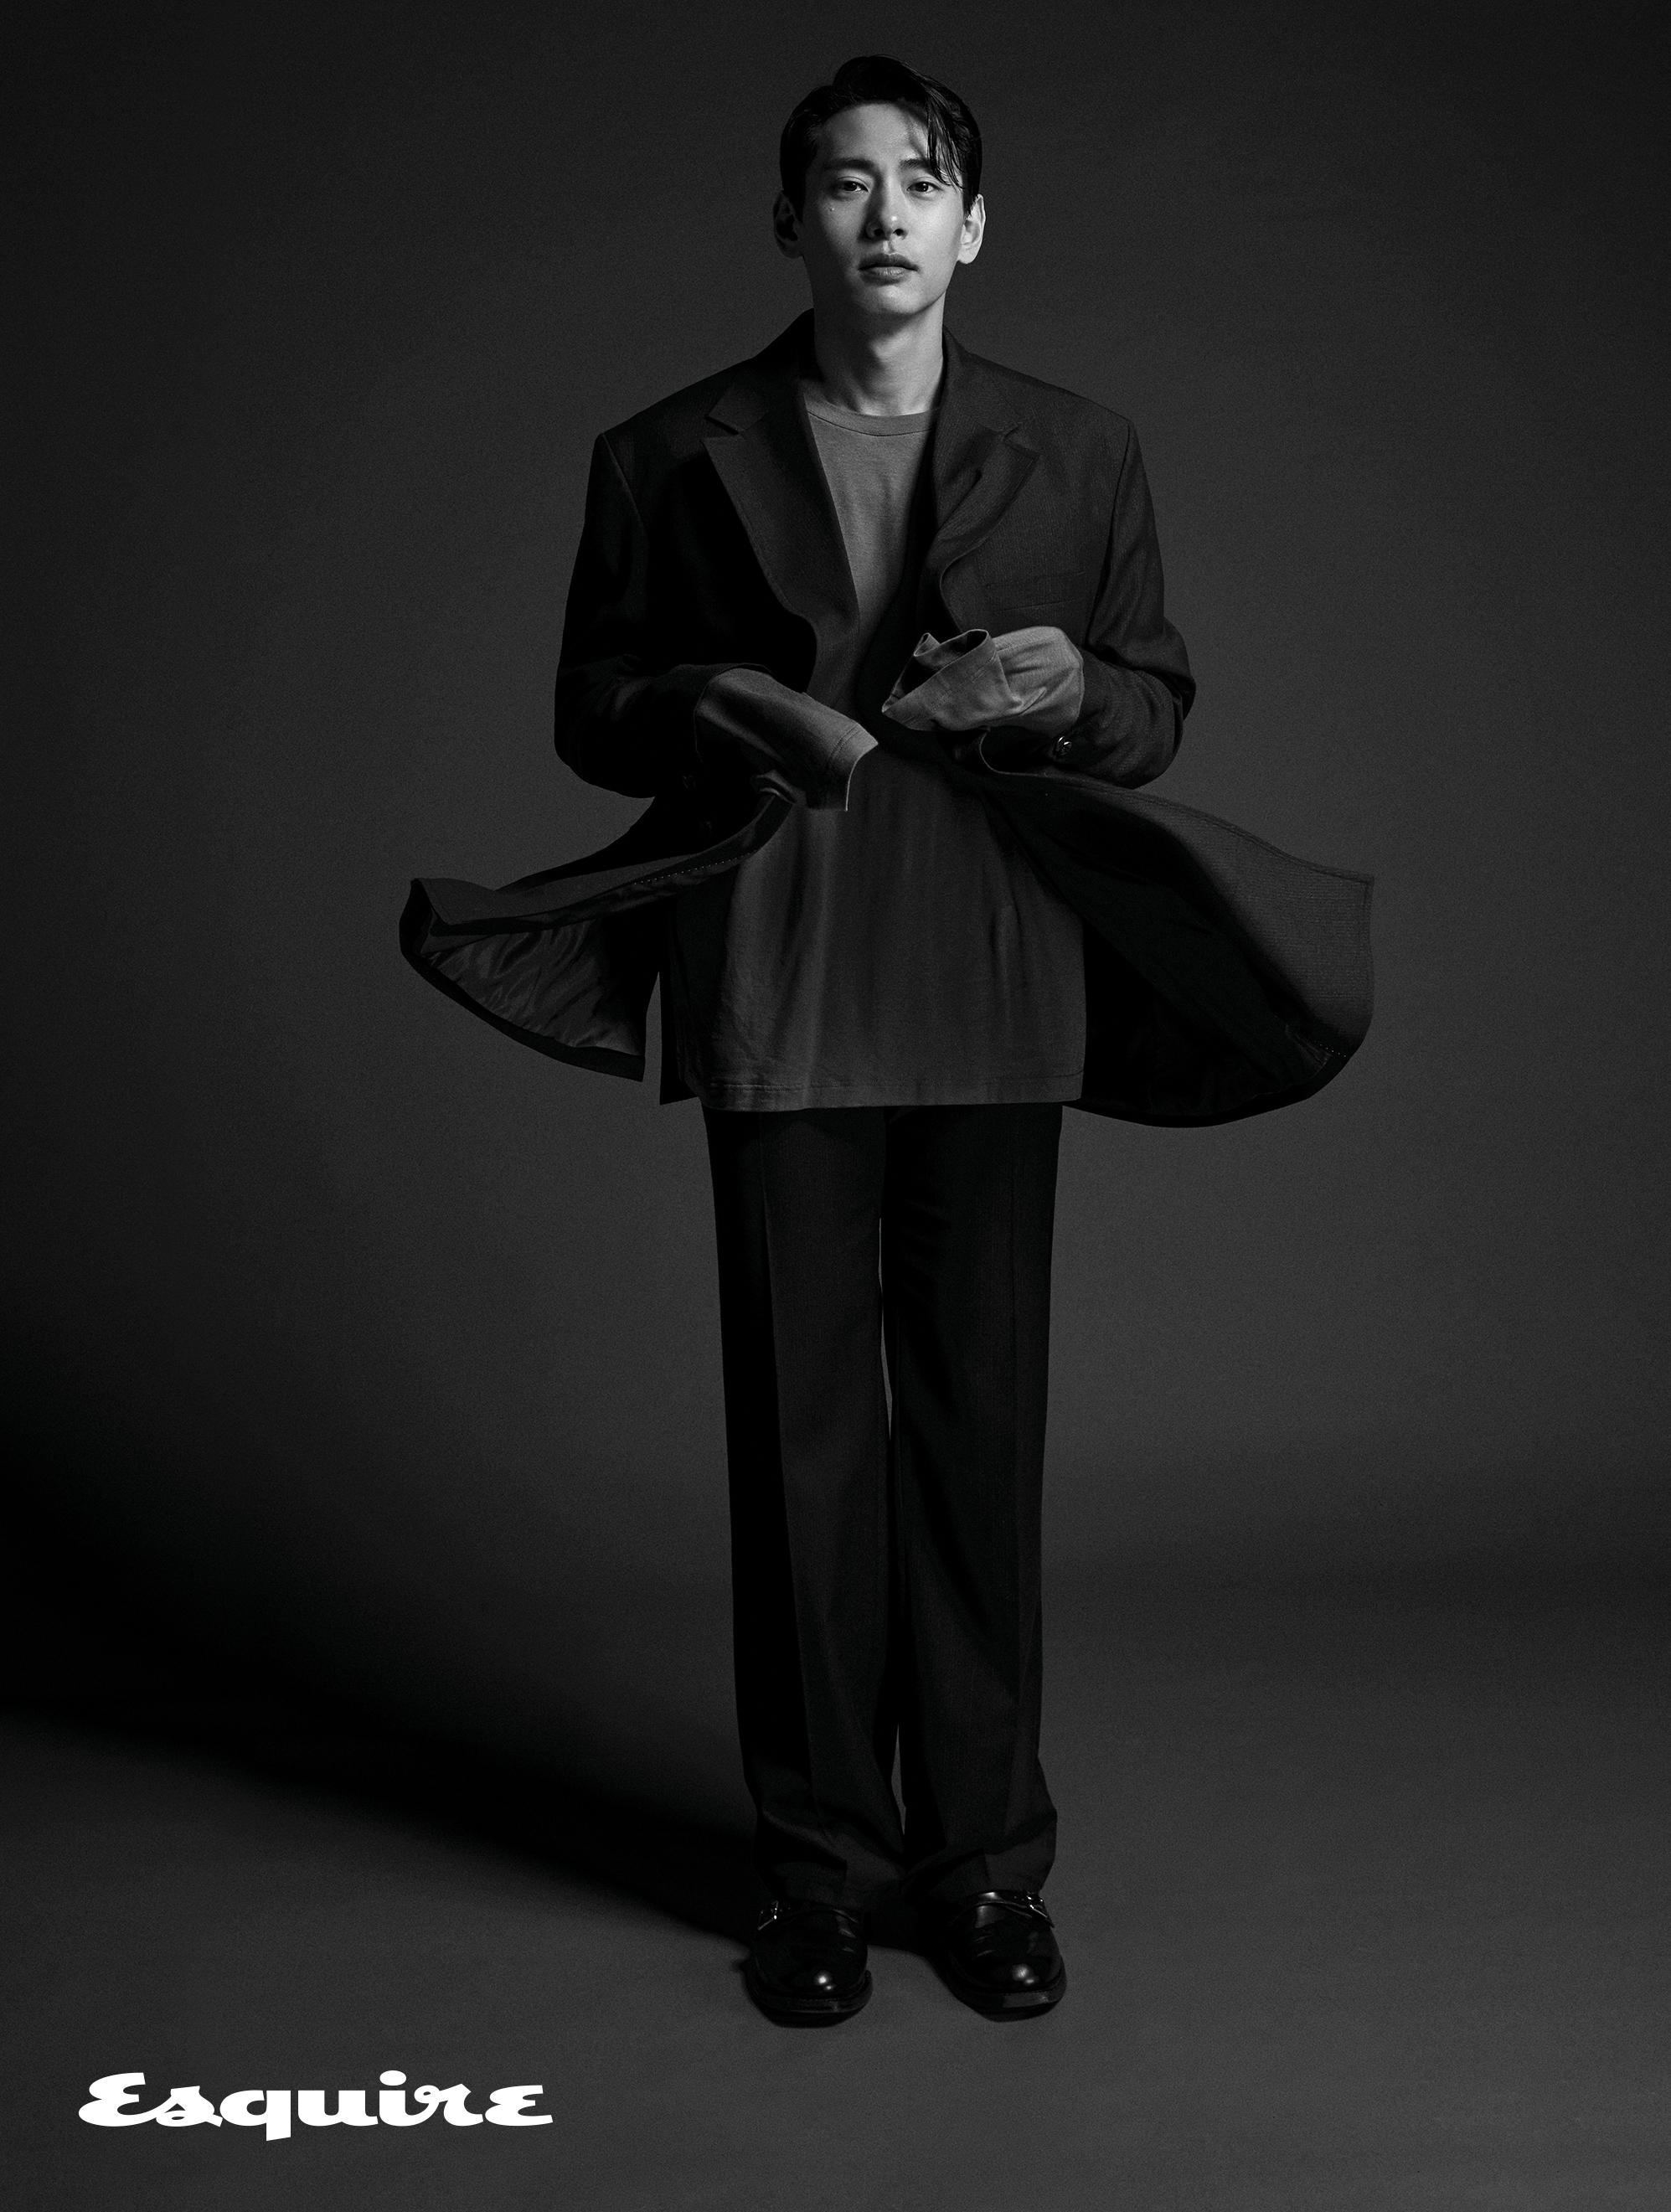 재킷, 티셔츠, 바지 모두 오디너리 피플. 신발 벨지안 슈즈 by 유니페어.